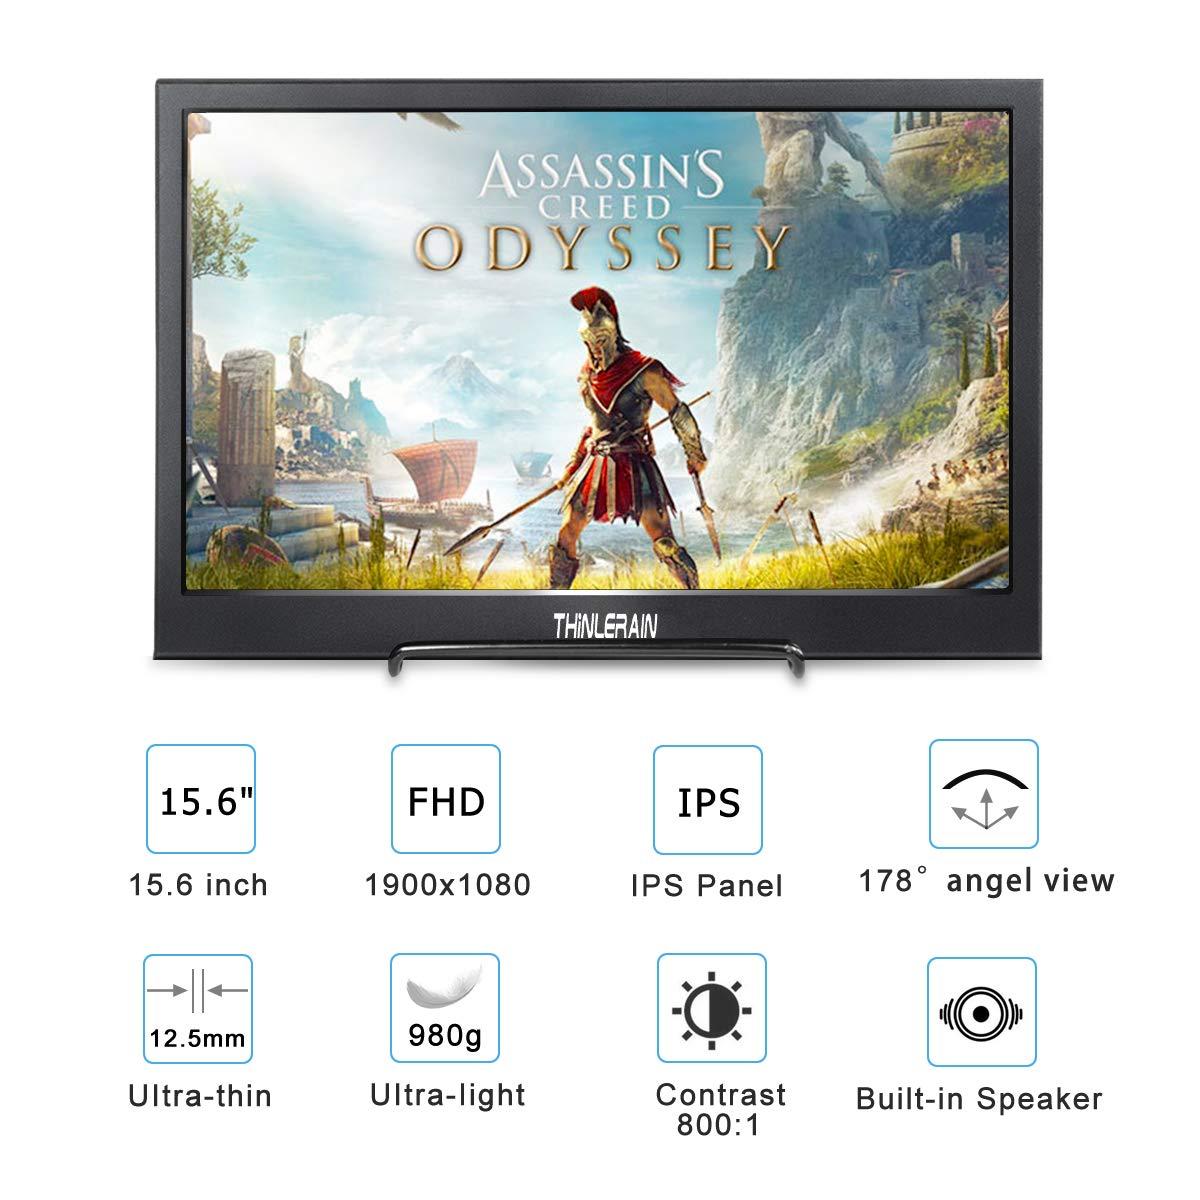 15,6 Pulgadas Monitor Portatil USB C 1920 x 1080 IPS FHD Display con HDMI y Type c para PS3 PS4 Xbox360 Ordenador Port/átil Macbook Smartphone Windows 7//8//10 Macos,Thinlerain